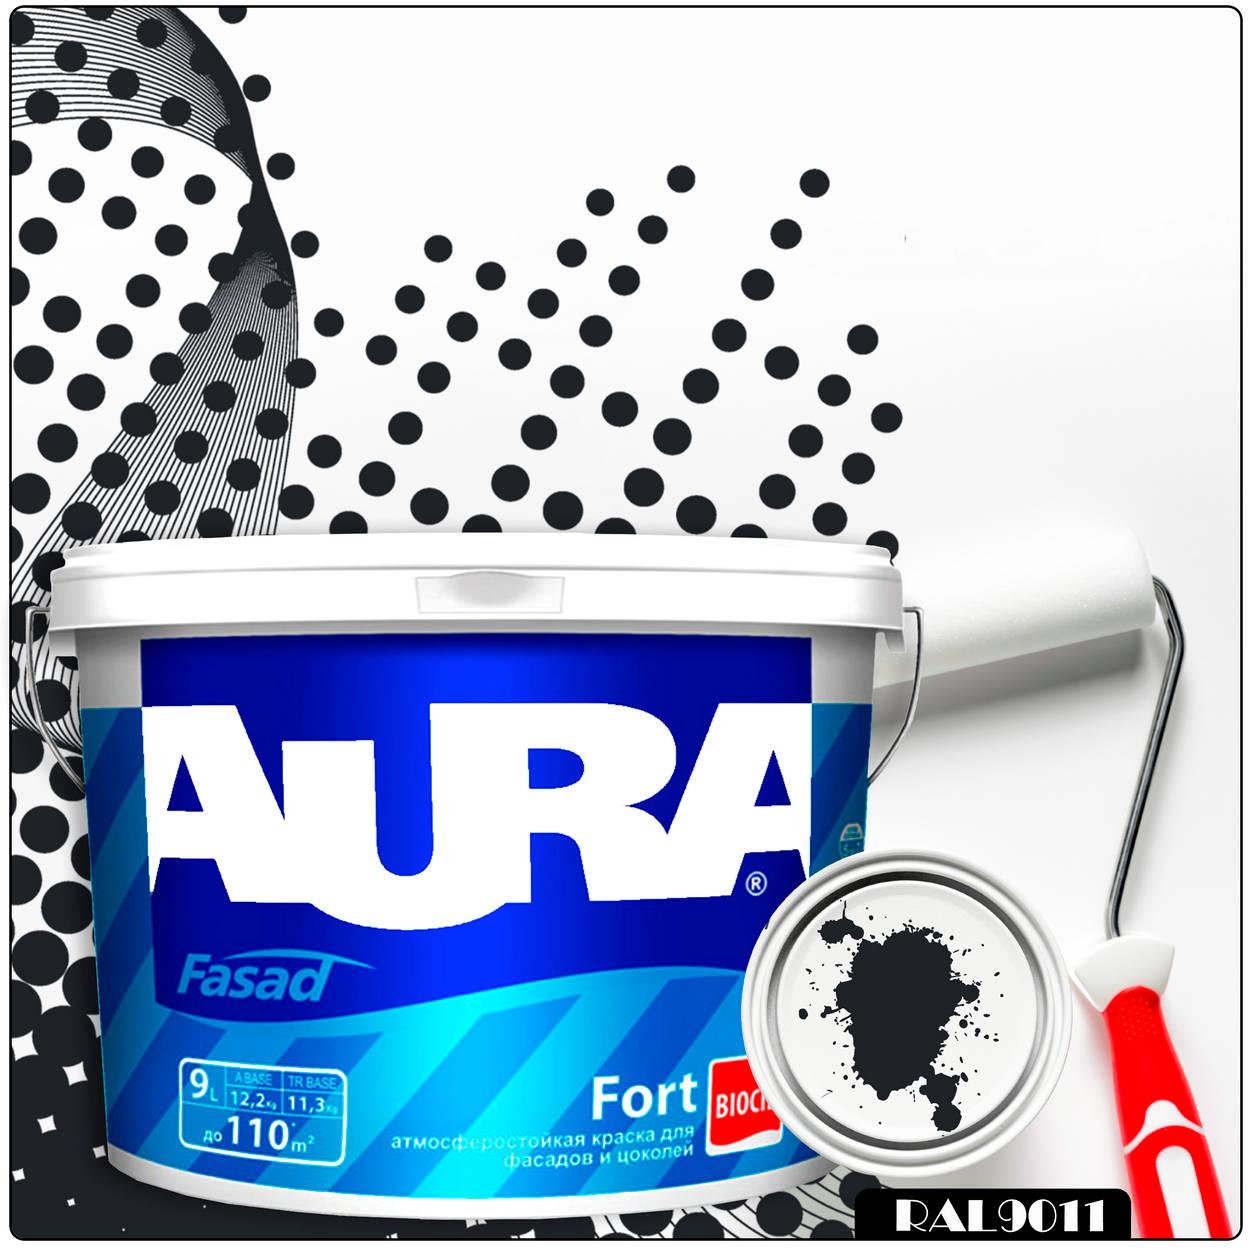 Фото 7 - Краска Aura Fasad Fort, RAL 9011 Графитно-чёрный, латексная, матовая, для фасада и цоколей, 9л, Аура.